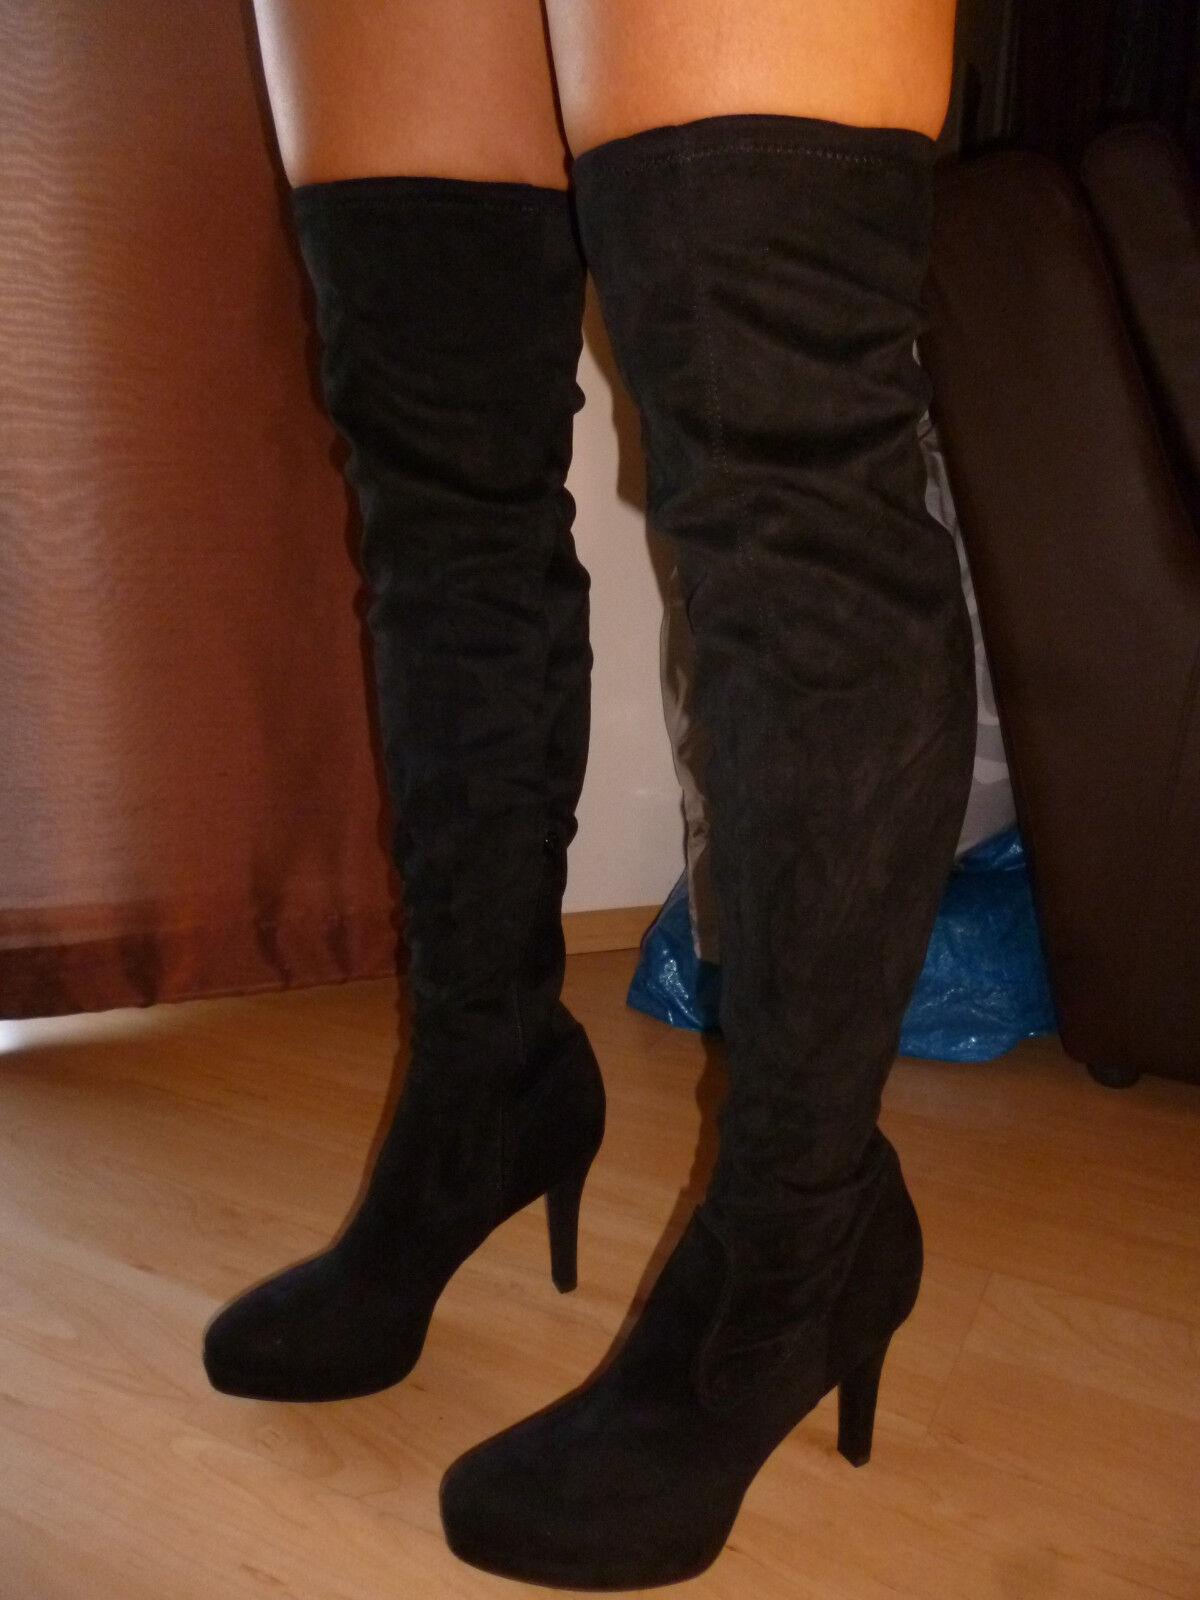 Overknees SCHWARZ Overkneestiefel, 72cm lang, Catwalk Stiefel, Gr. NEU 41-42, NEU Gr. 8e164e